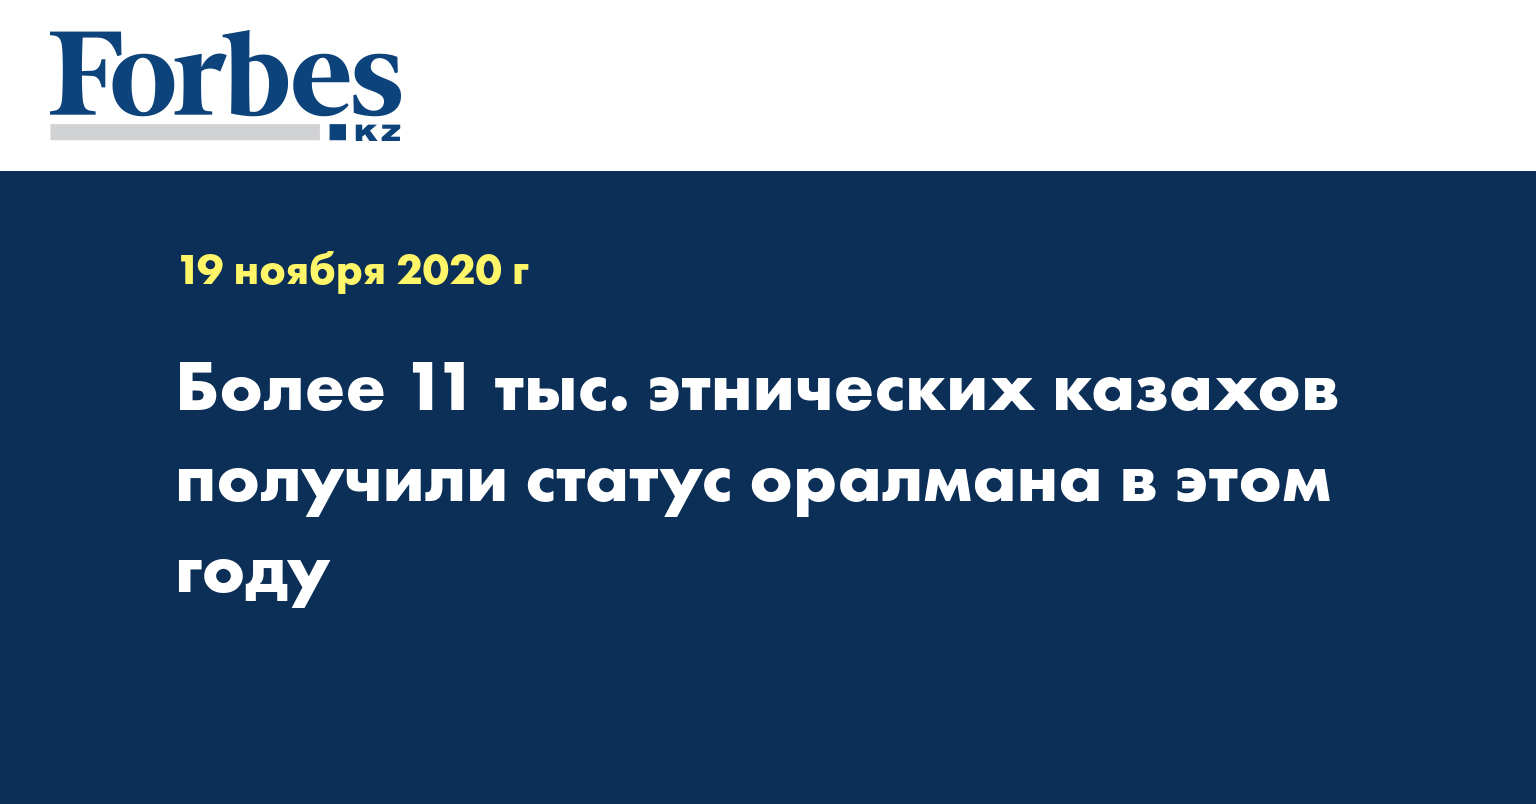 Более 11 тыс. этнических казахов получили статус оралмана в этом году